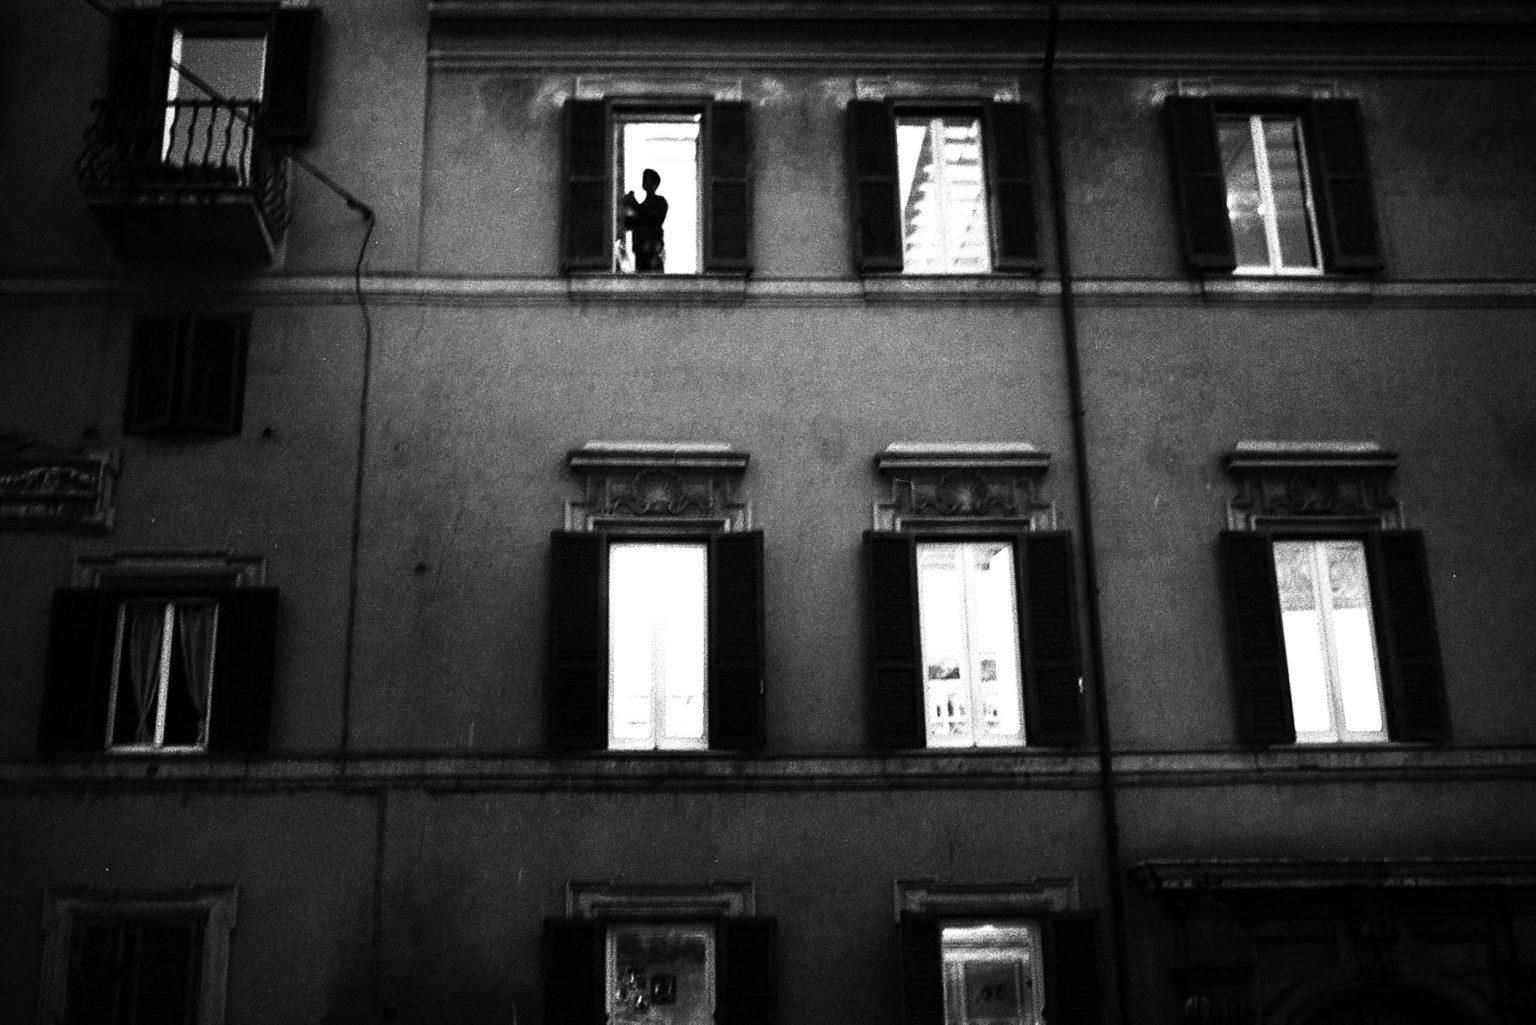 """Rome, 2007- """"Rome Diary"""" ( Rome 2007-2020)  is a long-term research that documents the city of Rome through stories of places and people. An investigation into different worlds, in a society where relationships, loneliness, abuse, love, nightlife, music and artists are explored, and finally the relationship between people and cities.A Building in trastevere. >< Rome, 2007 -Rome Diary Rome (2007-2020) è una ricerca a lungo termine che documenta la città di Roma attraverso storie di luoghi e  di persone. Un'indagine in mondi diversi, in una società in cui si esplorano le relazioni, la solitudine, gli abusi, l'amore, la vita notturna , la musica e gli artisti, ed infine il rapporto tra persone e città. Un palazzo a trastevere."""